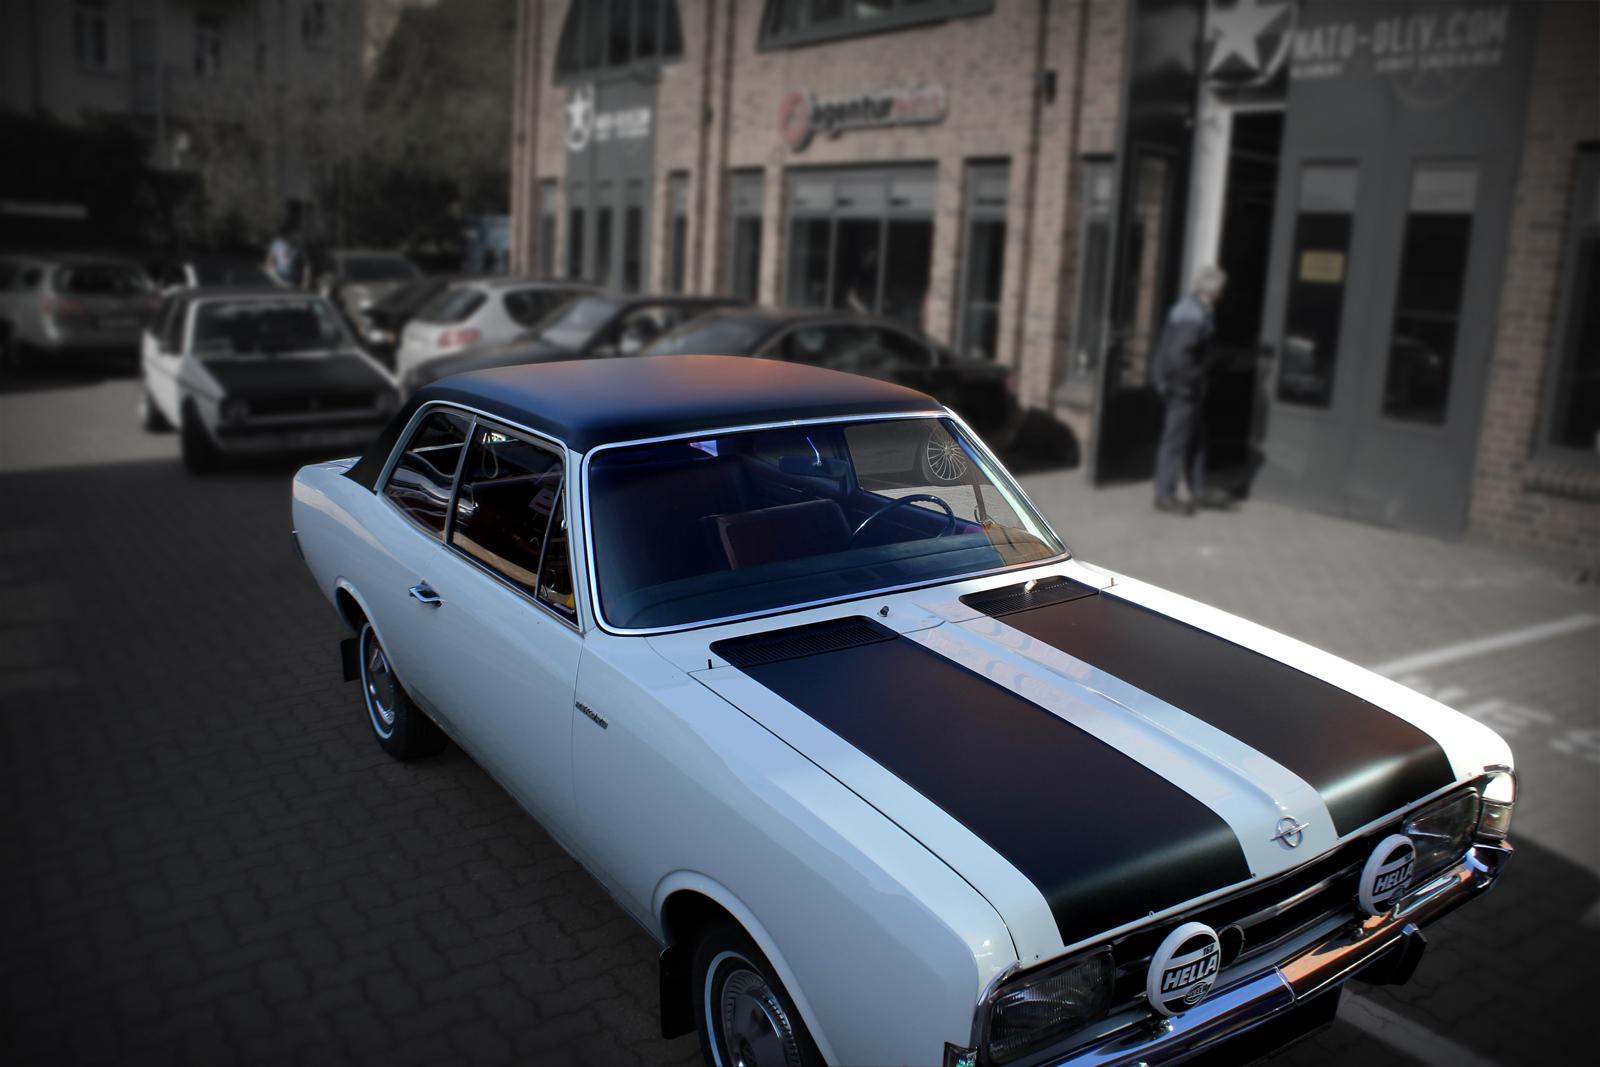 weiß glänzender Opel Rekord mit schwarz matter Teilfolierung auf dem Dach und Rallyestreifen auf der Motorhaube